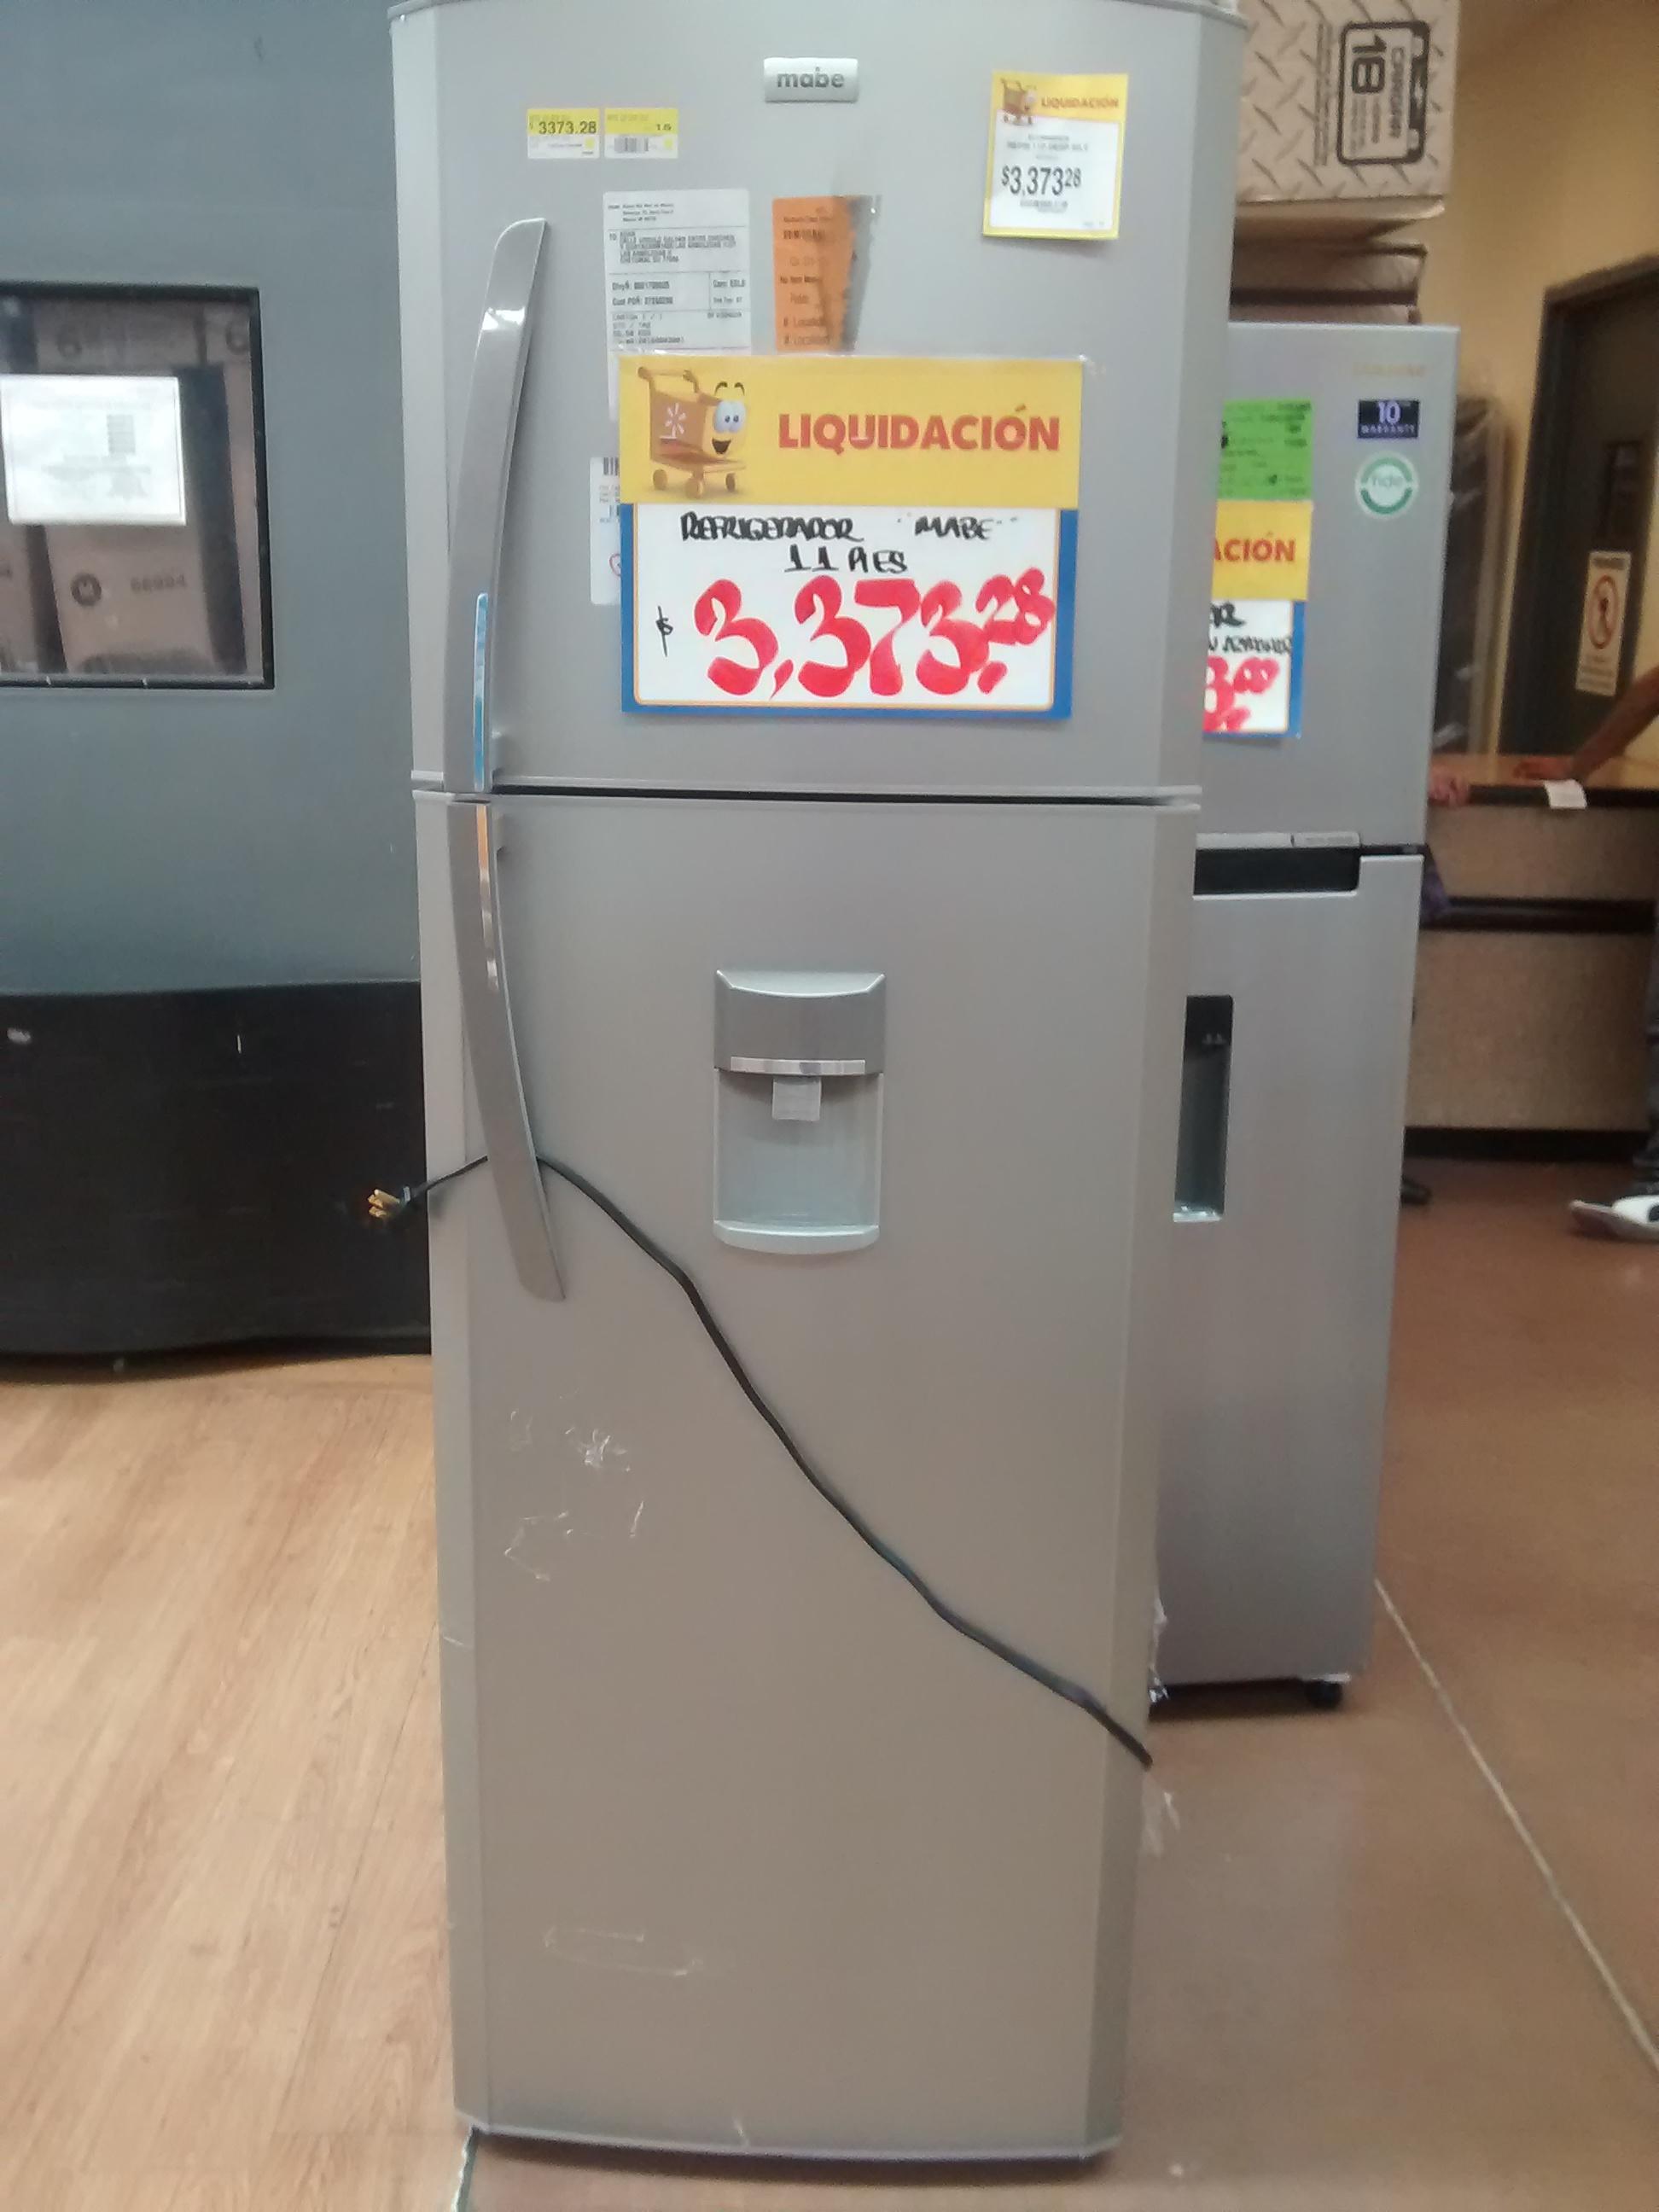 Walmart San Marcos Cuautitlan Izcalli: Liquidación de Refris